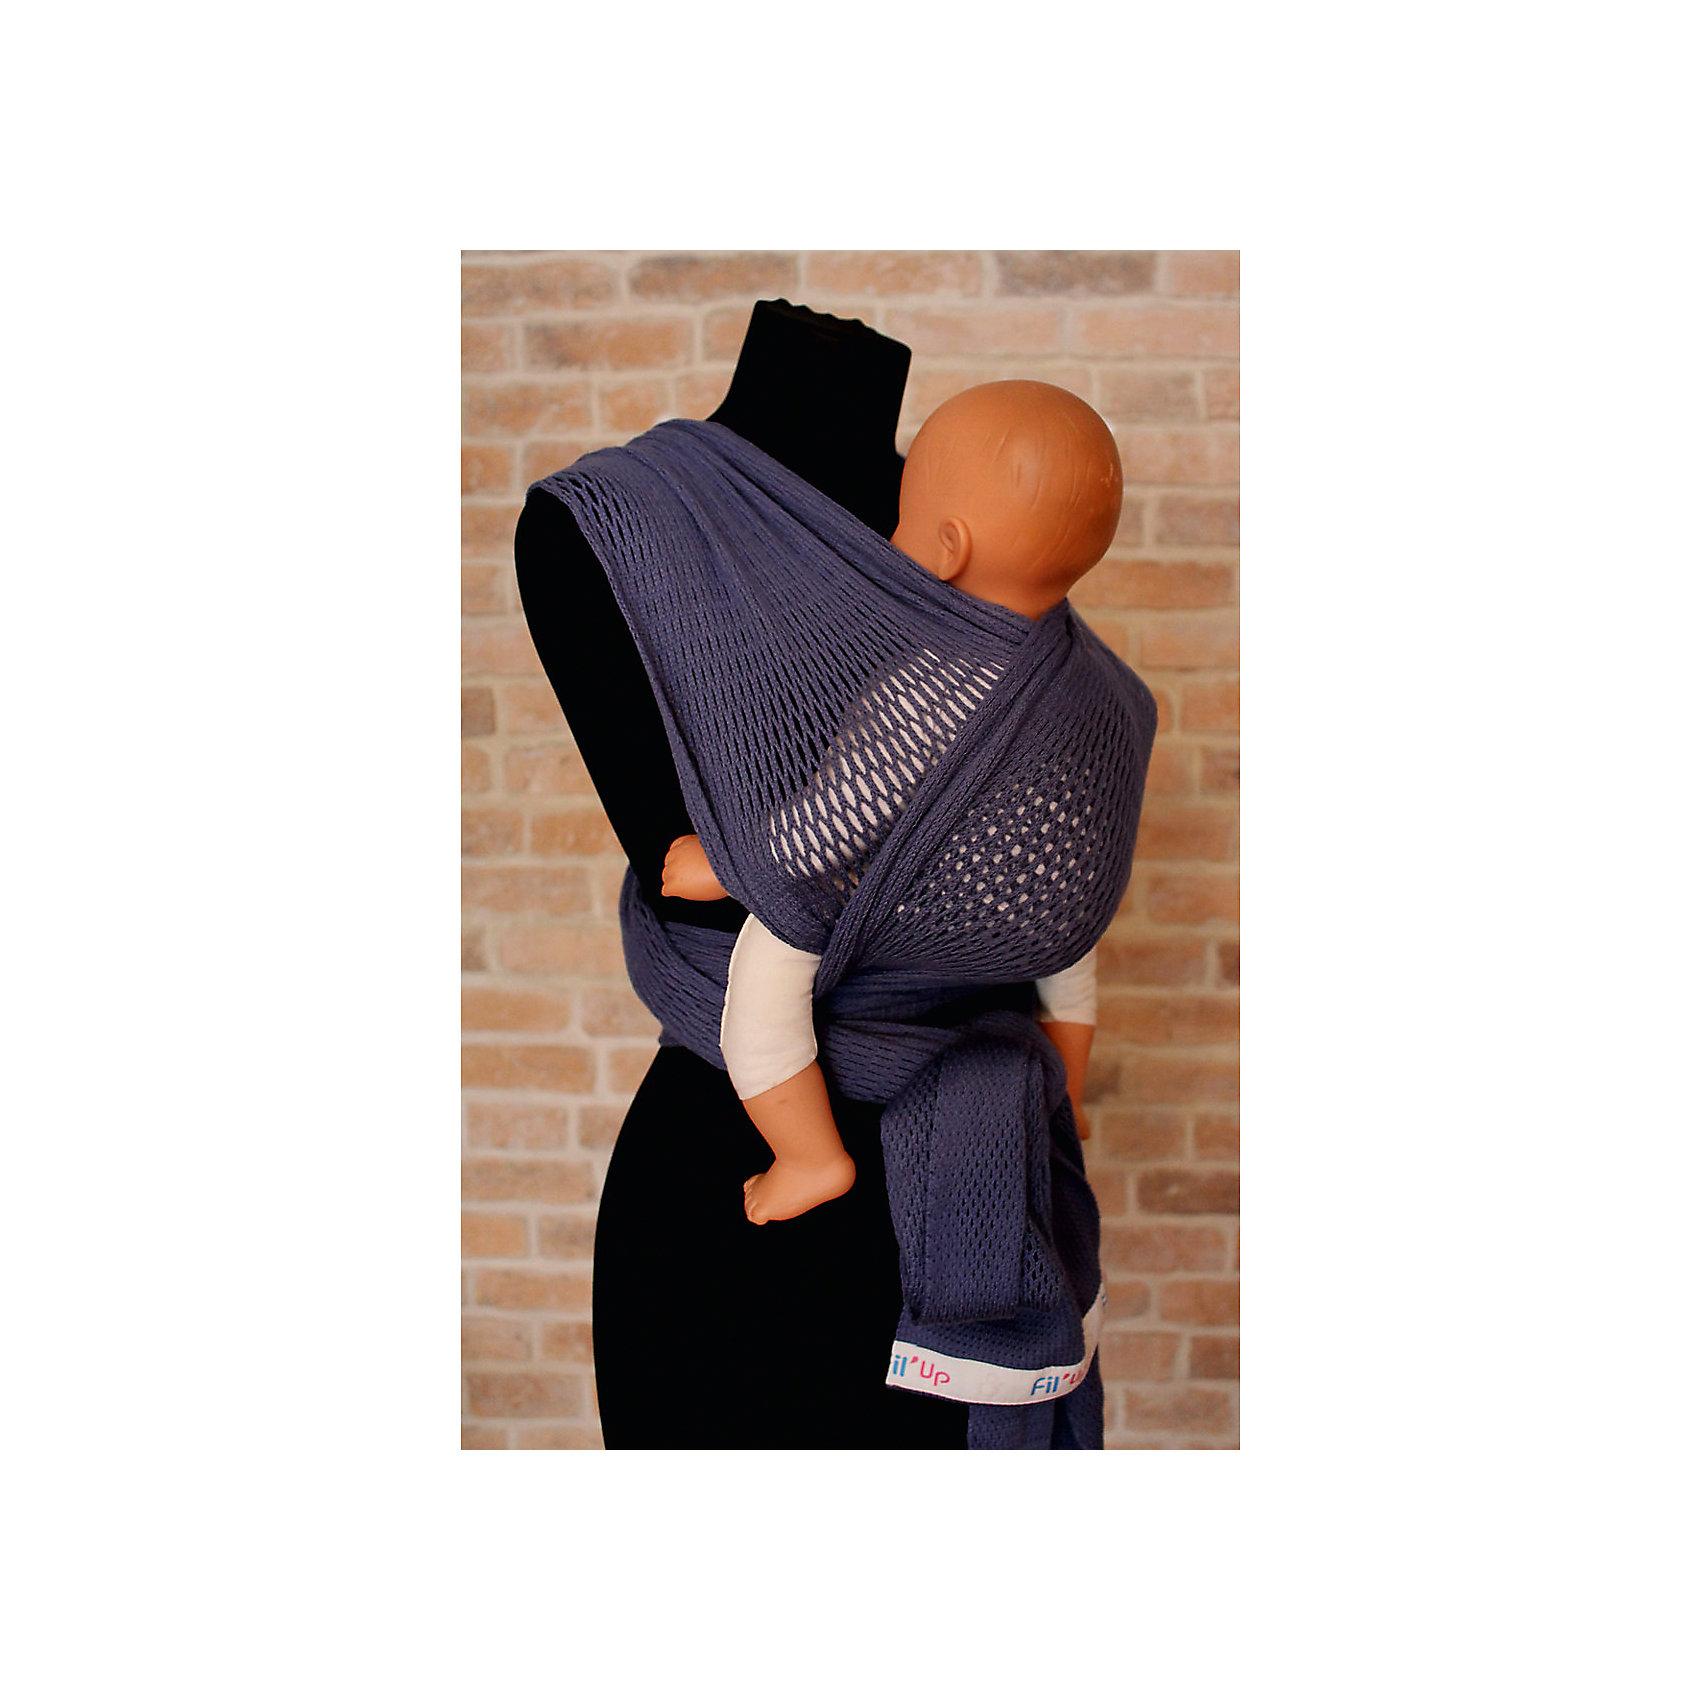 Слинг-шарф из хлопка плетеный размер l-xl, Филап, Filt, джинсовыйСлинги и рюкзаки-переноски<br>Характеристики:<br><br>• разработан совместно с врачами-ортопедами;<br>• обеспечивает оптимальную поддержку ребенка;<br>• легко наматывается;<br>• два способа намотки: «простой крест» и «двойной крест»;<br>• равномерно распределяет нагрузку на спину;<br>• основное положение: лицом к маме;<br>• подходит для автоматической стирки при температуре 30 градусов;<br>• сумочка в комплекте;<br>• цвет: джинсовый;<br>• материал: хлопок;<br>• возраст ребенка: 3 месяца-2 года (до 15 кг);<br>• размер слинга: 4,8х0,5 м;<br>• размер упаковки: 24х26х7 см;<br>• вес: 430 грамм;<br>• страна бренда: Франция.<br><br>Слинг-шарф FilUp - прекрасный вариант для любого сезона. Главная особенность модели - сетчатое плетение из натурального хлопка. Такой вид полотна не позволит ребенку перегреться за счет отсутствия дополнительного слоя ткани, свойственного для обычных слингов.<br><br>Возможны три положения ребенка в слинге: лицом к маме, на боку и за спиной. Полотно слинг-шарфа легко растягивается и обладает необходимой упругостью для правильной посадки ребенка.<br><br>Концы слинга сделаны более узкими, чтобы вы могли убрать лишнюю ткань. Средняя, более широкая часть поддерживает ножки ребенка в позе «лягушки», что немаловажно для правильного развития тазобедренных суставов. <br><br>Слинг-шарф подходит для ручной и автоматической стирки при температуре 30 градусов. Длина полотна - 4,8 метра. Ширина полотна - 0,5 метра. Подходит для детей от 3-4-х месяцев до 1,5-2-х лет (весом до 15 килограммов). В комплект входит сумочка-авоська, которая подойдет для бутылочек, салфеток и прочих необходимых предметов.<br><br>Слинг-шарф из хлопка плетеный размер l-xl, Филап, Filt (Филт), джинсовый можно купить в нашем интернет-магазине.<br><br>Ширина мм: 800<br>Глубина мм: 800<br>Высота мм: 50<br>Вес г: 500<br>Возраст от месяцев: 0<br>Возраст до месяцев: 12<br>Пол: Унисекс<br>Возраст: Детский<br>SKU: 5445087